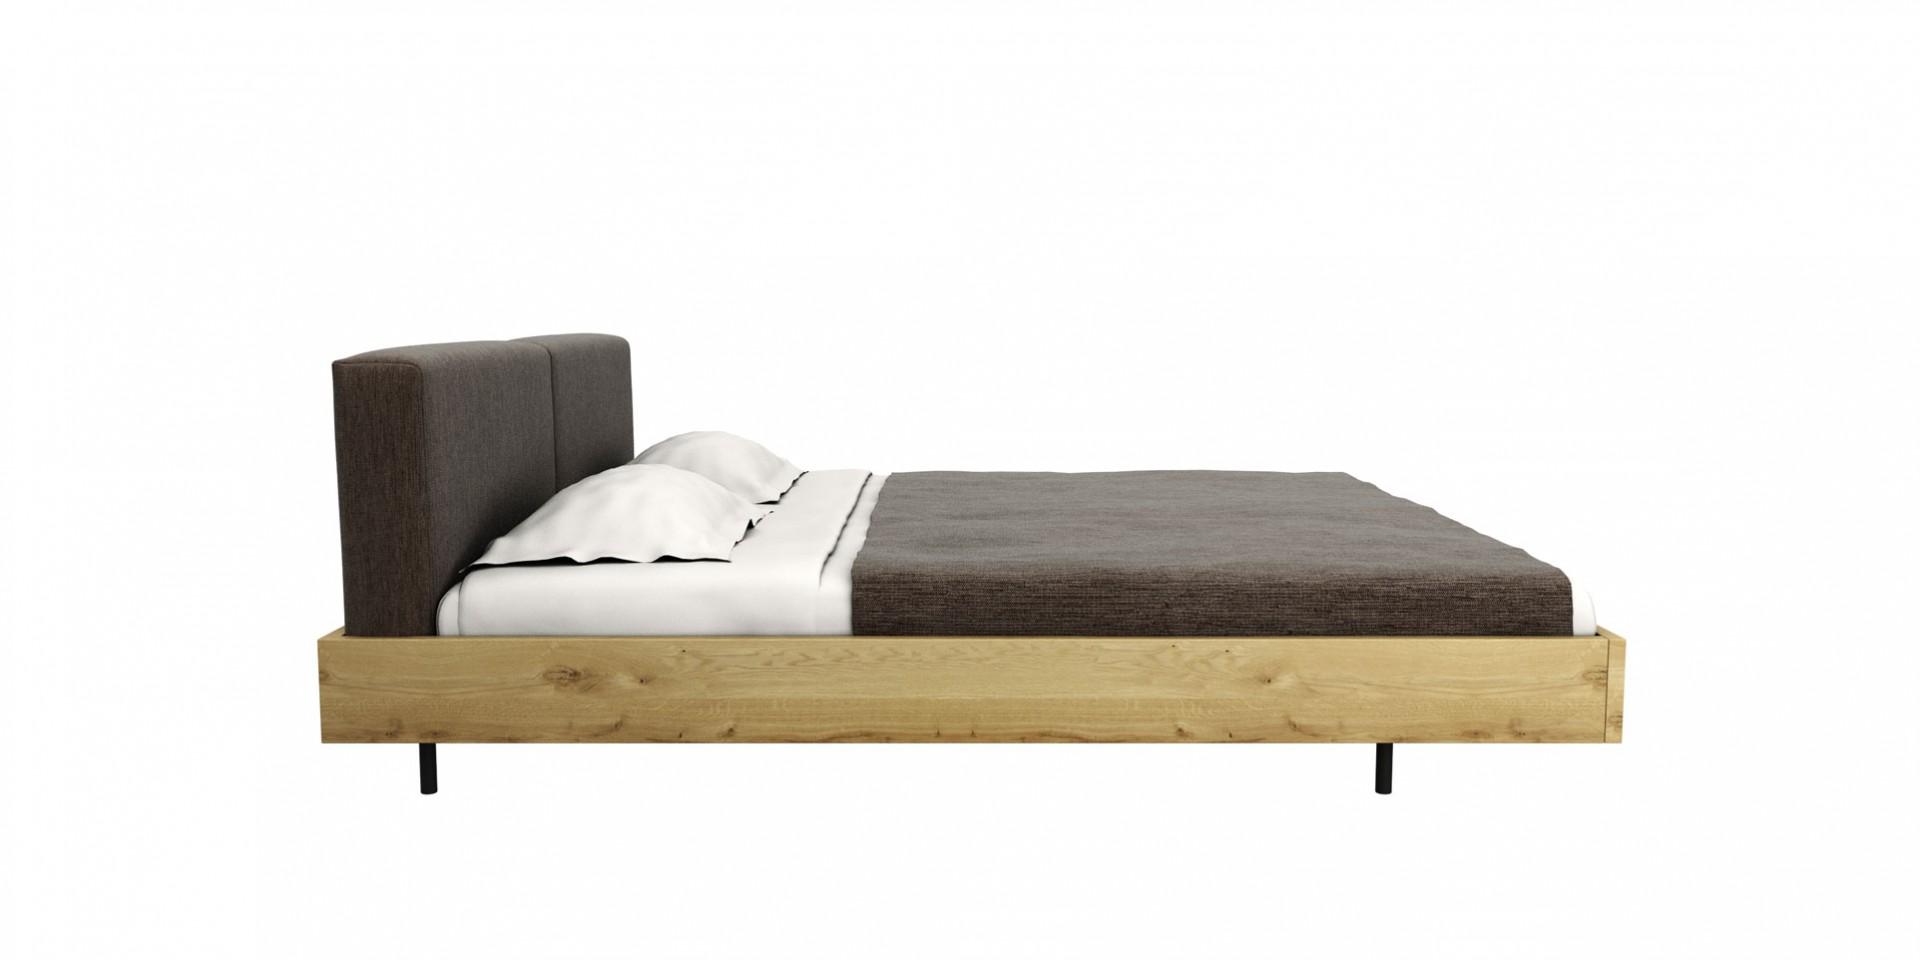 posteľ SAN z masívneho dubového dreva s látkovým čalúneným čelom, masívna drevená posteľ, dubová posteľ